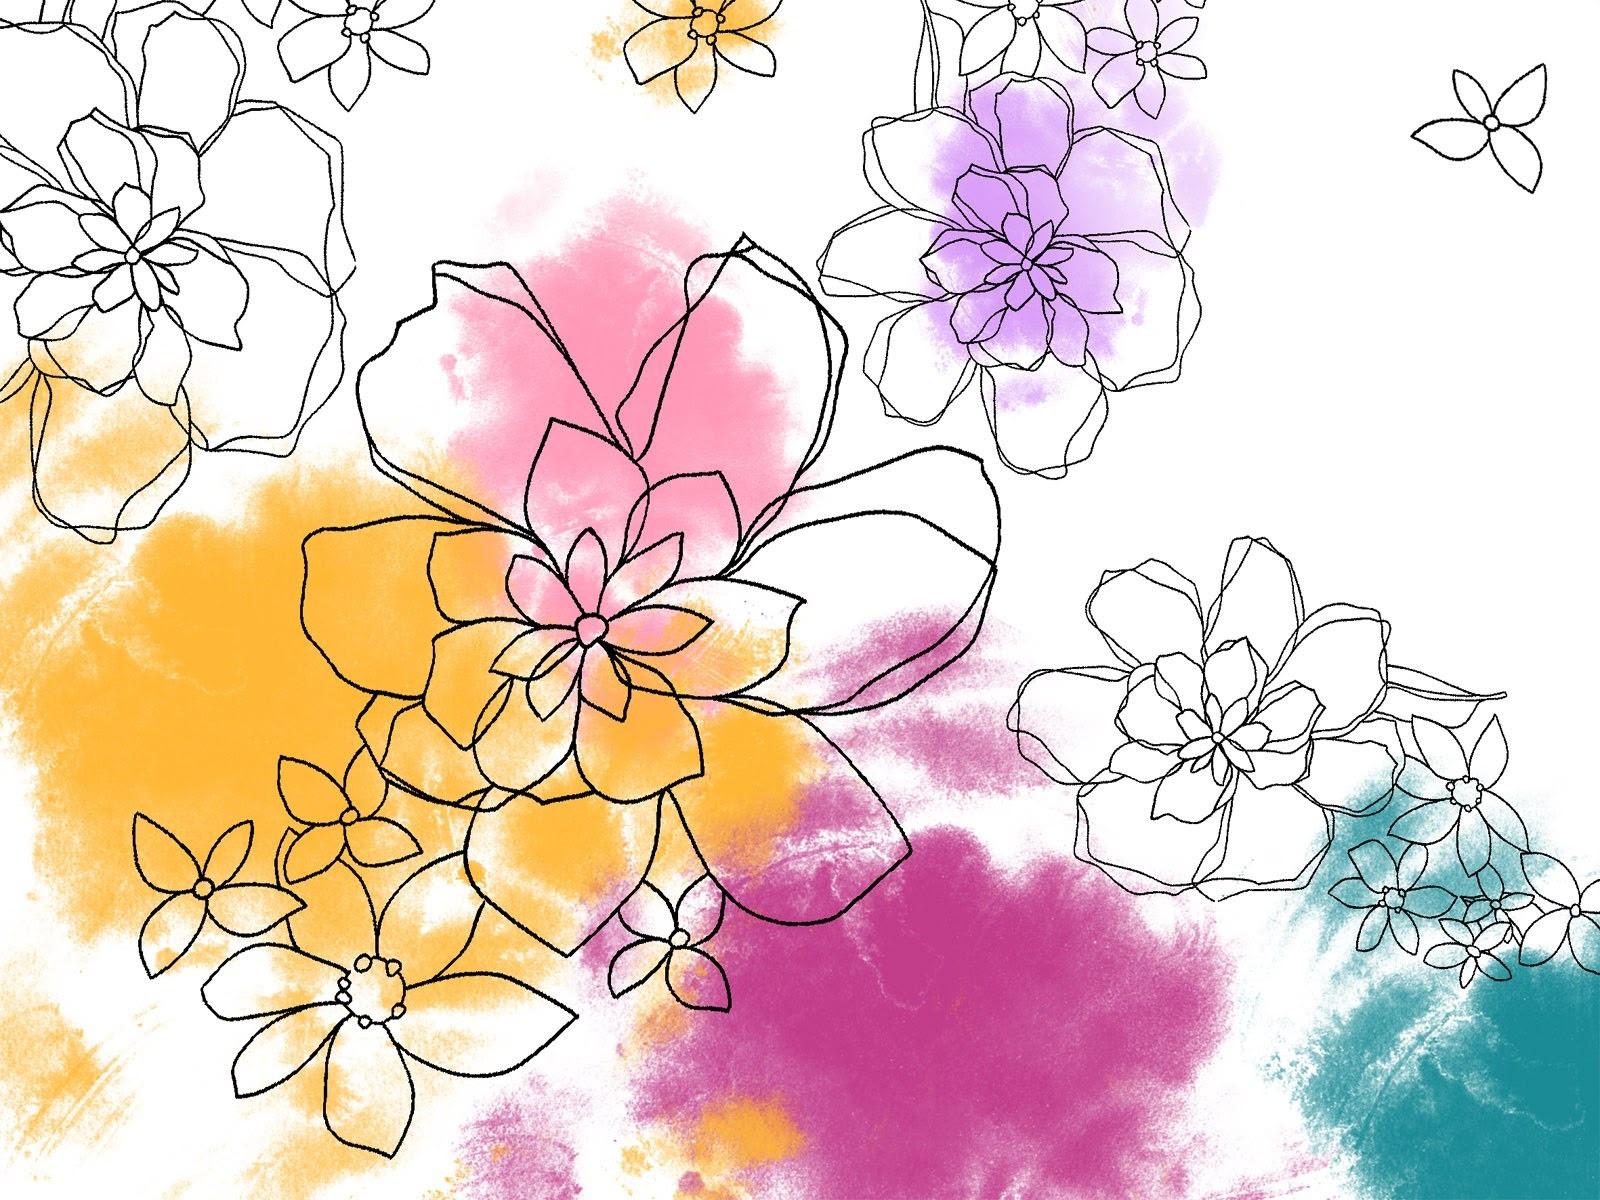 花の壁紙イラストデザイン 5 1600x1200 壁紙ダウンロード 花の壁紙